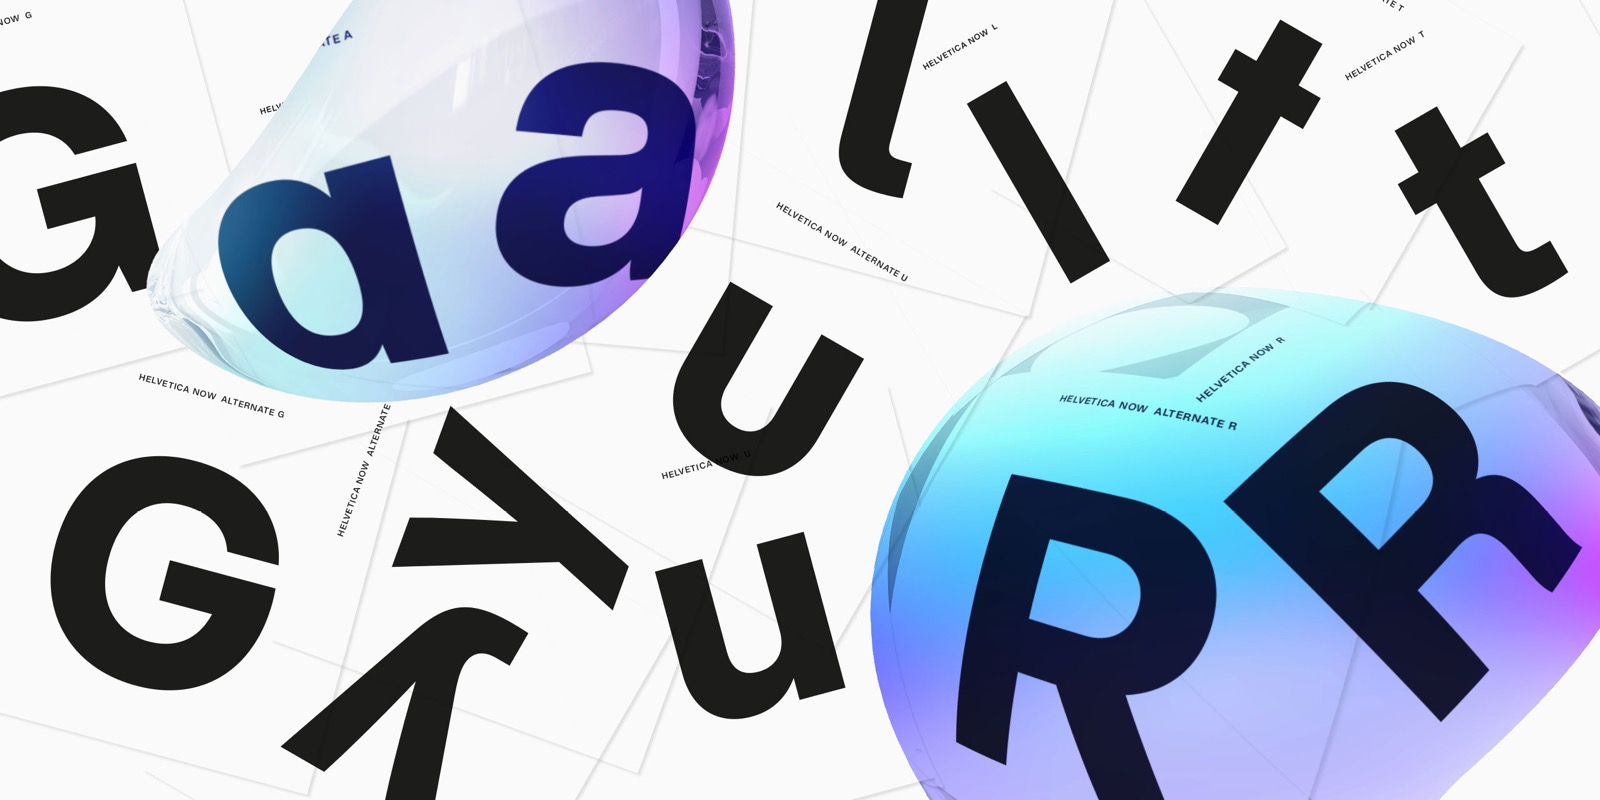 Intervista a Charles Nix, uno dei creatori di Helvetica Now